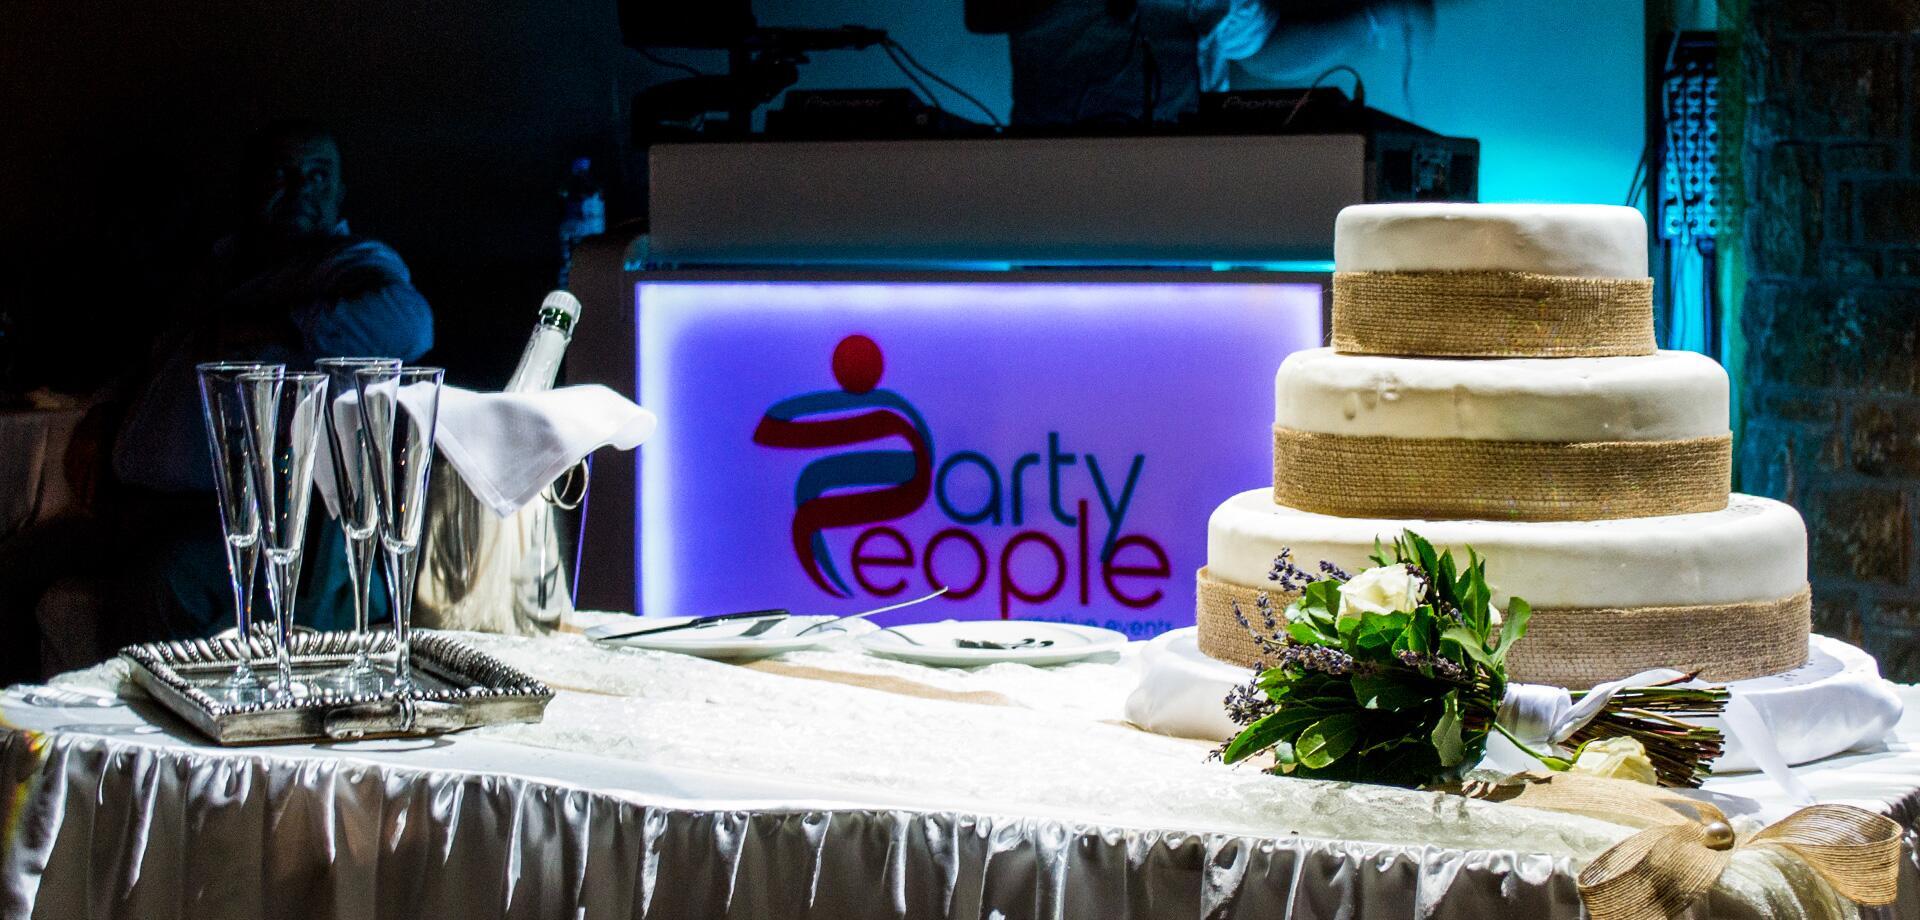 πάρτι γραμμή ραντεβού dating ιστοσελίδες DFW